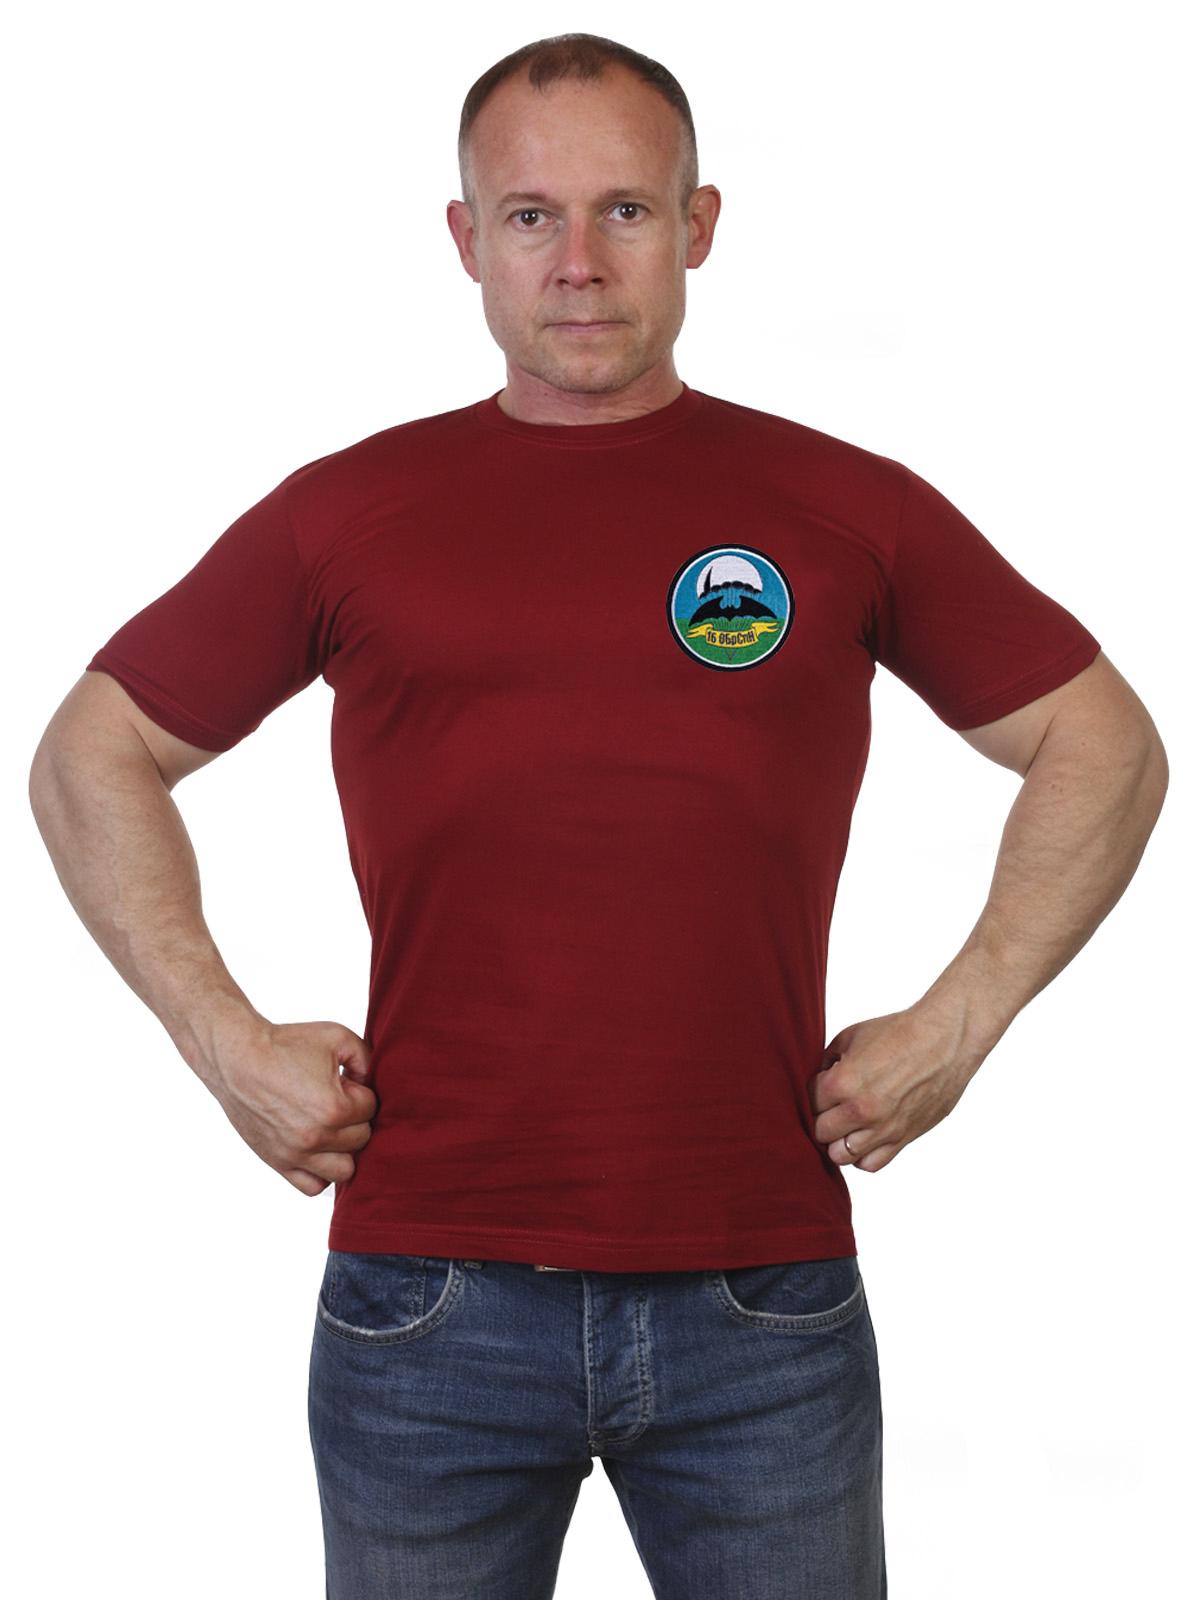 Мужские футболки 16 ОБрСпН по специальной цене